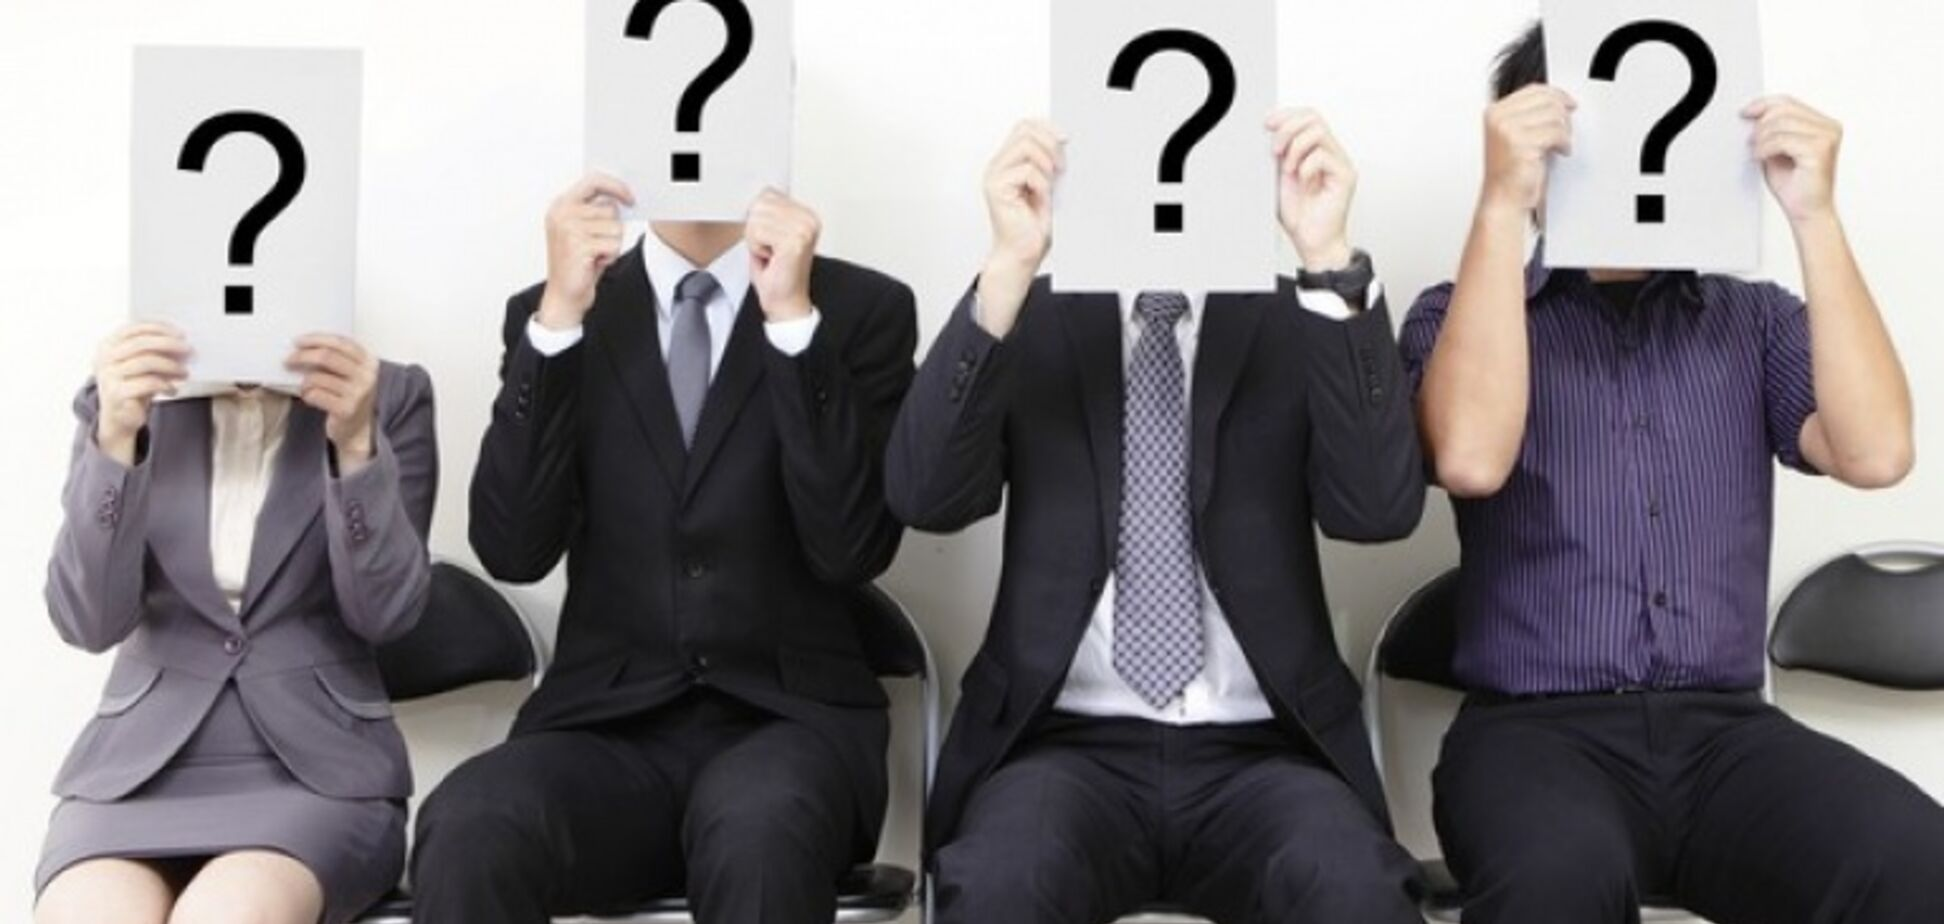 Пройти конкурс на госслужбу: миссия невыполнима?